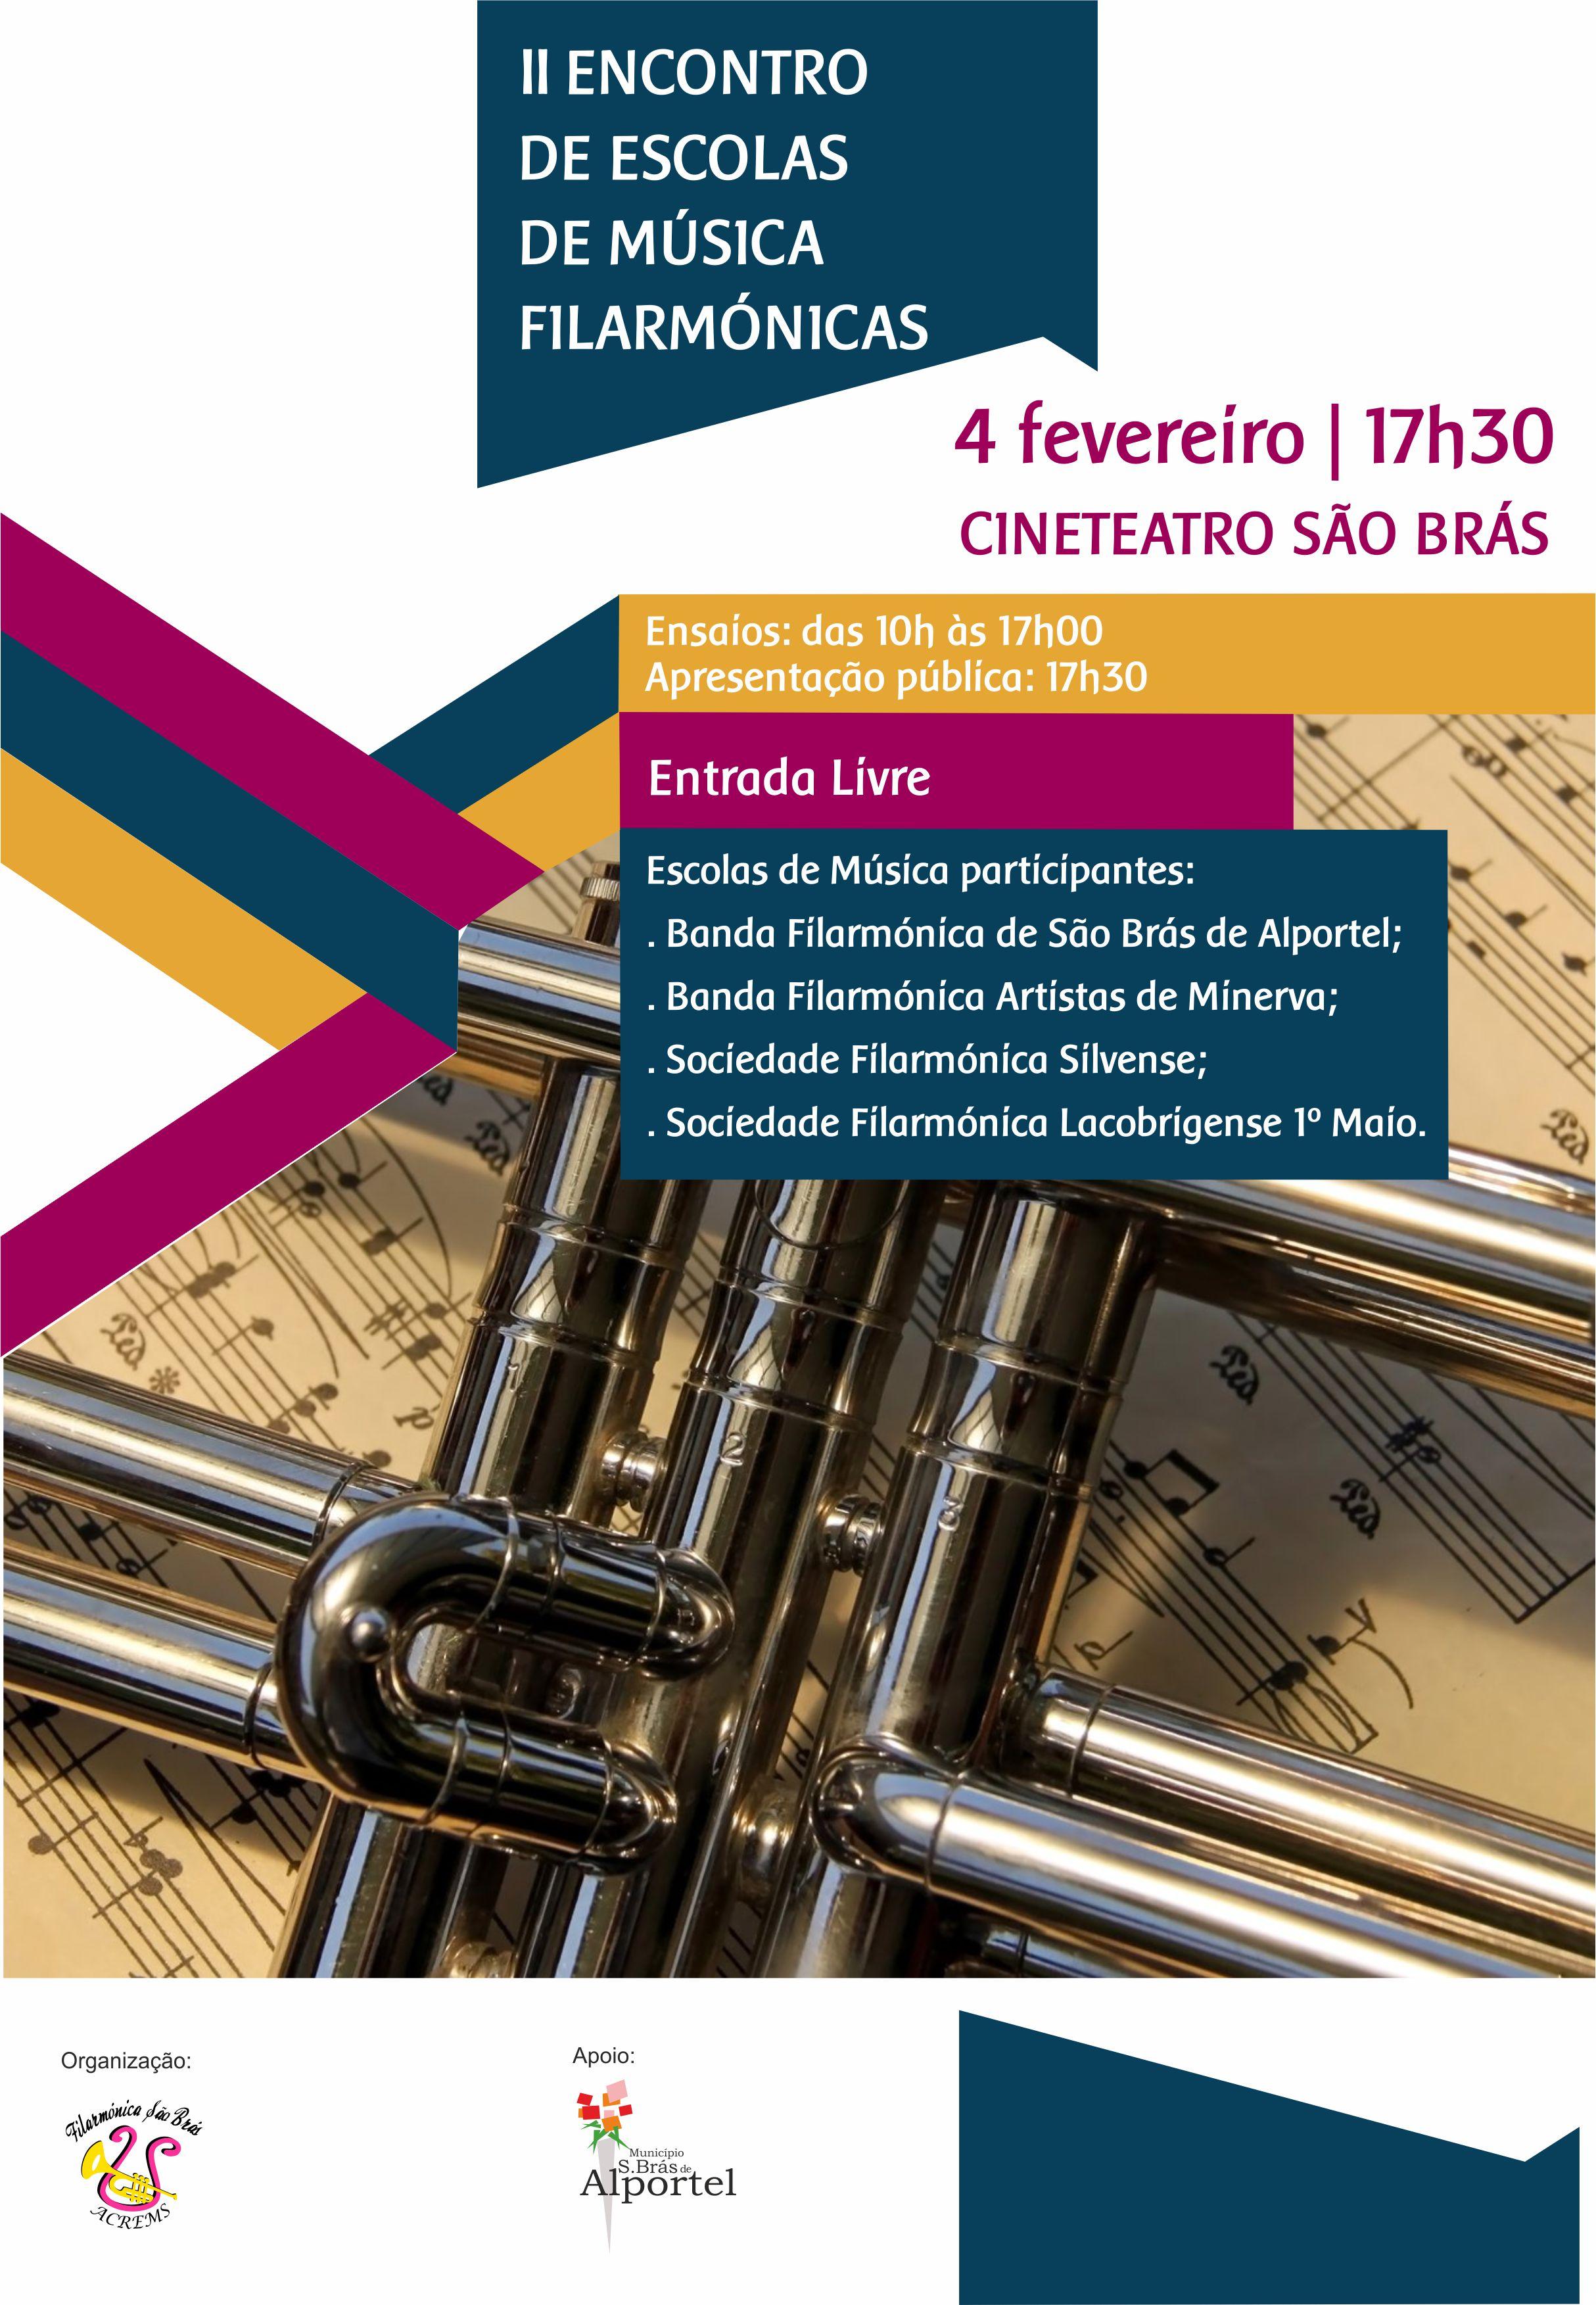 cartaz do II encontro de escolas de música filarmónicas